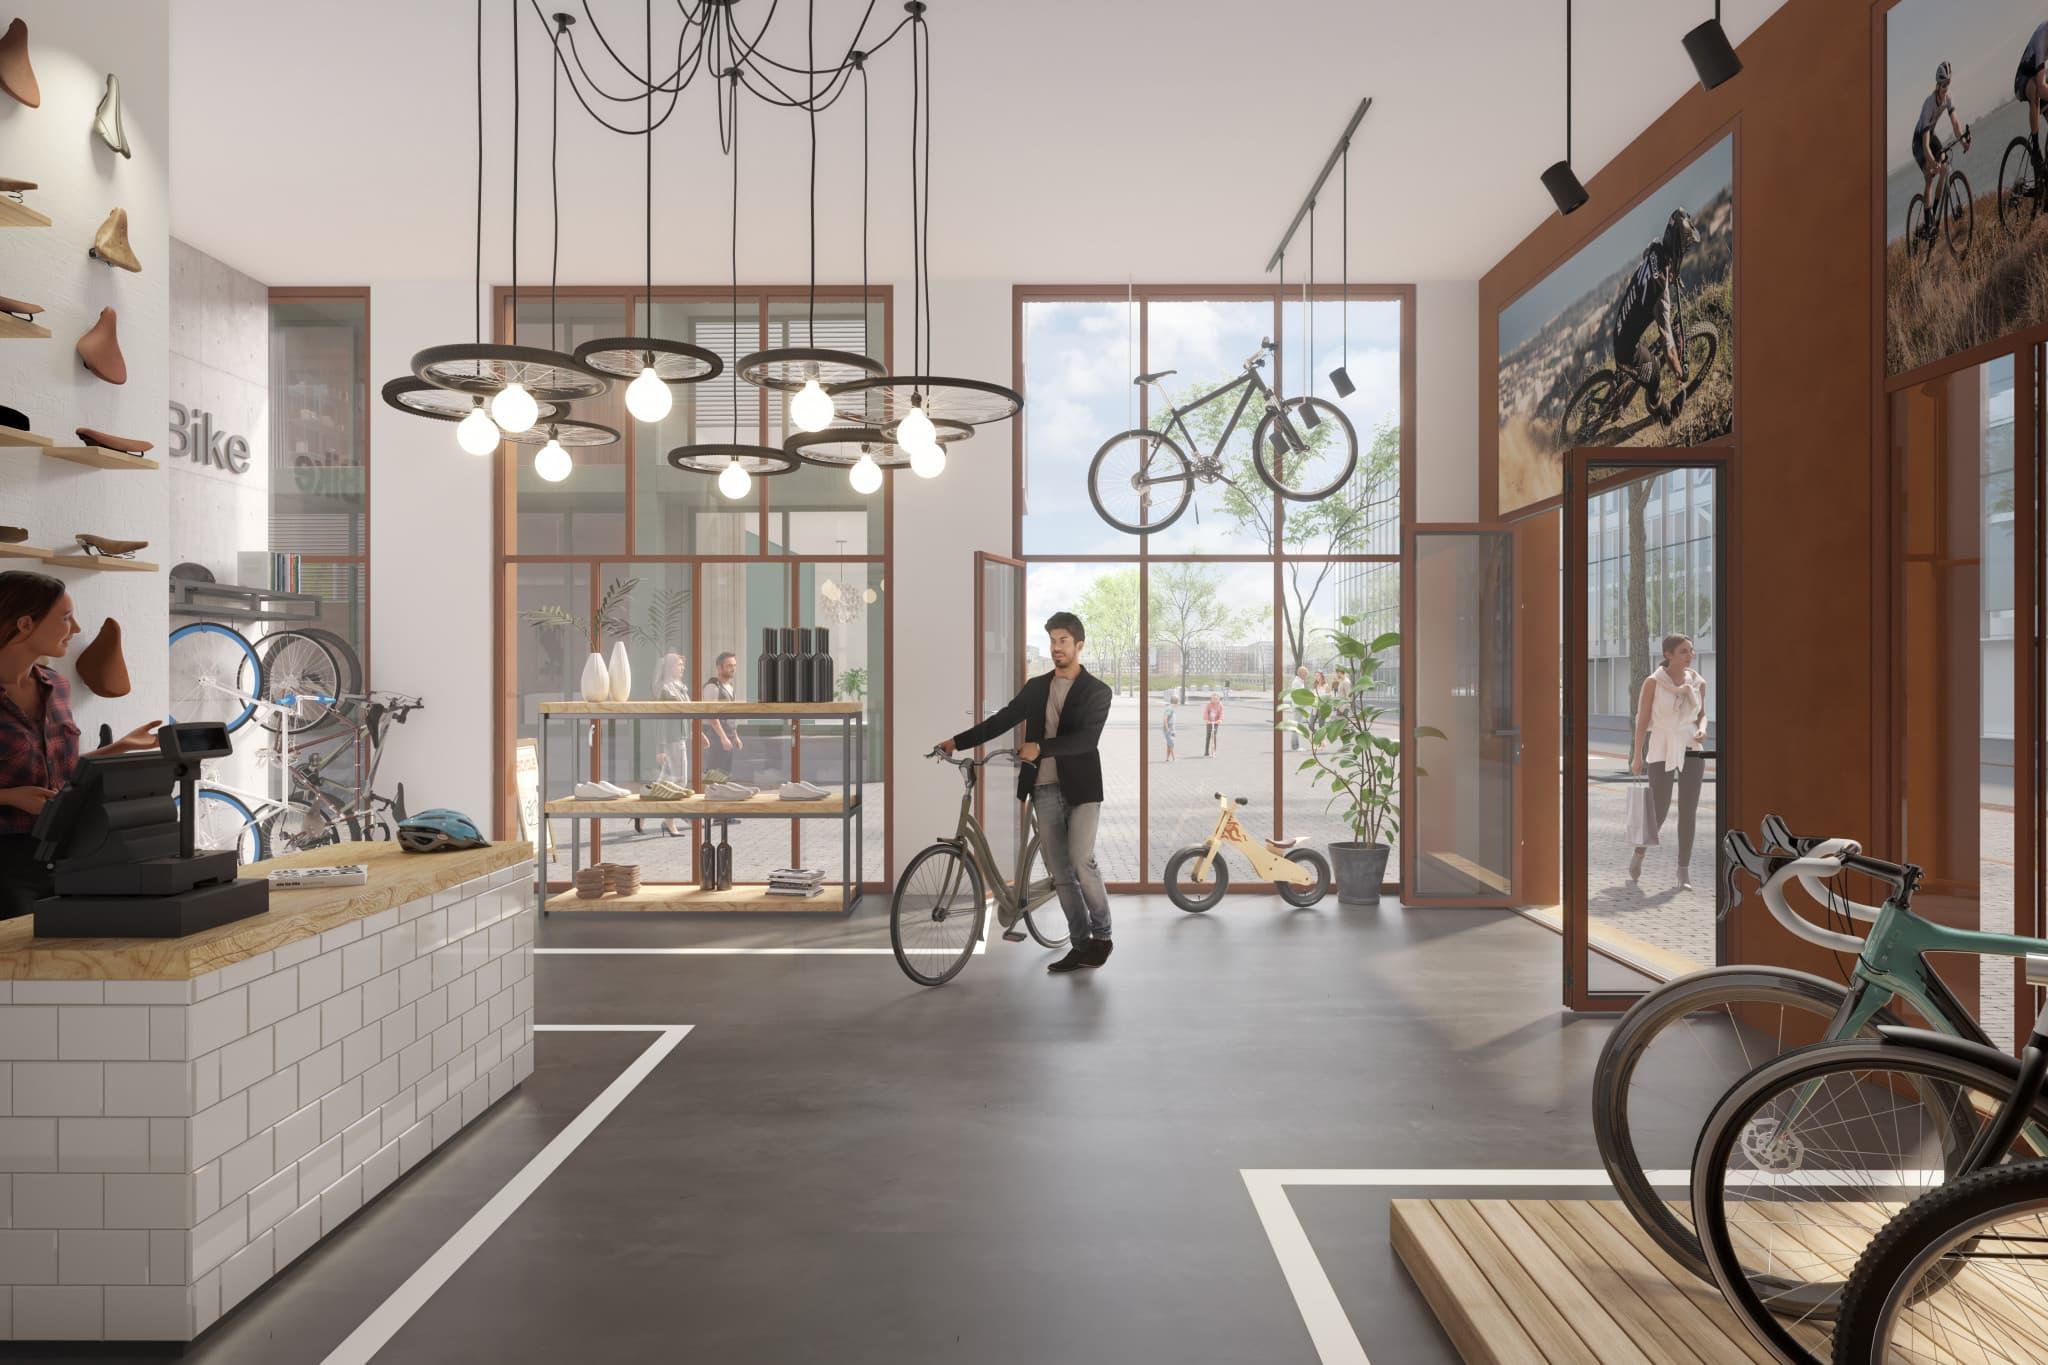 De ideale plek voor een fietsenwinkel